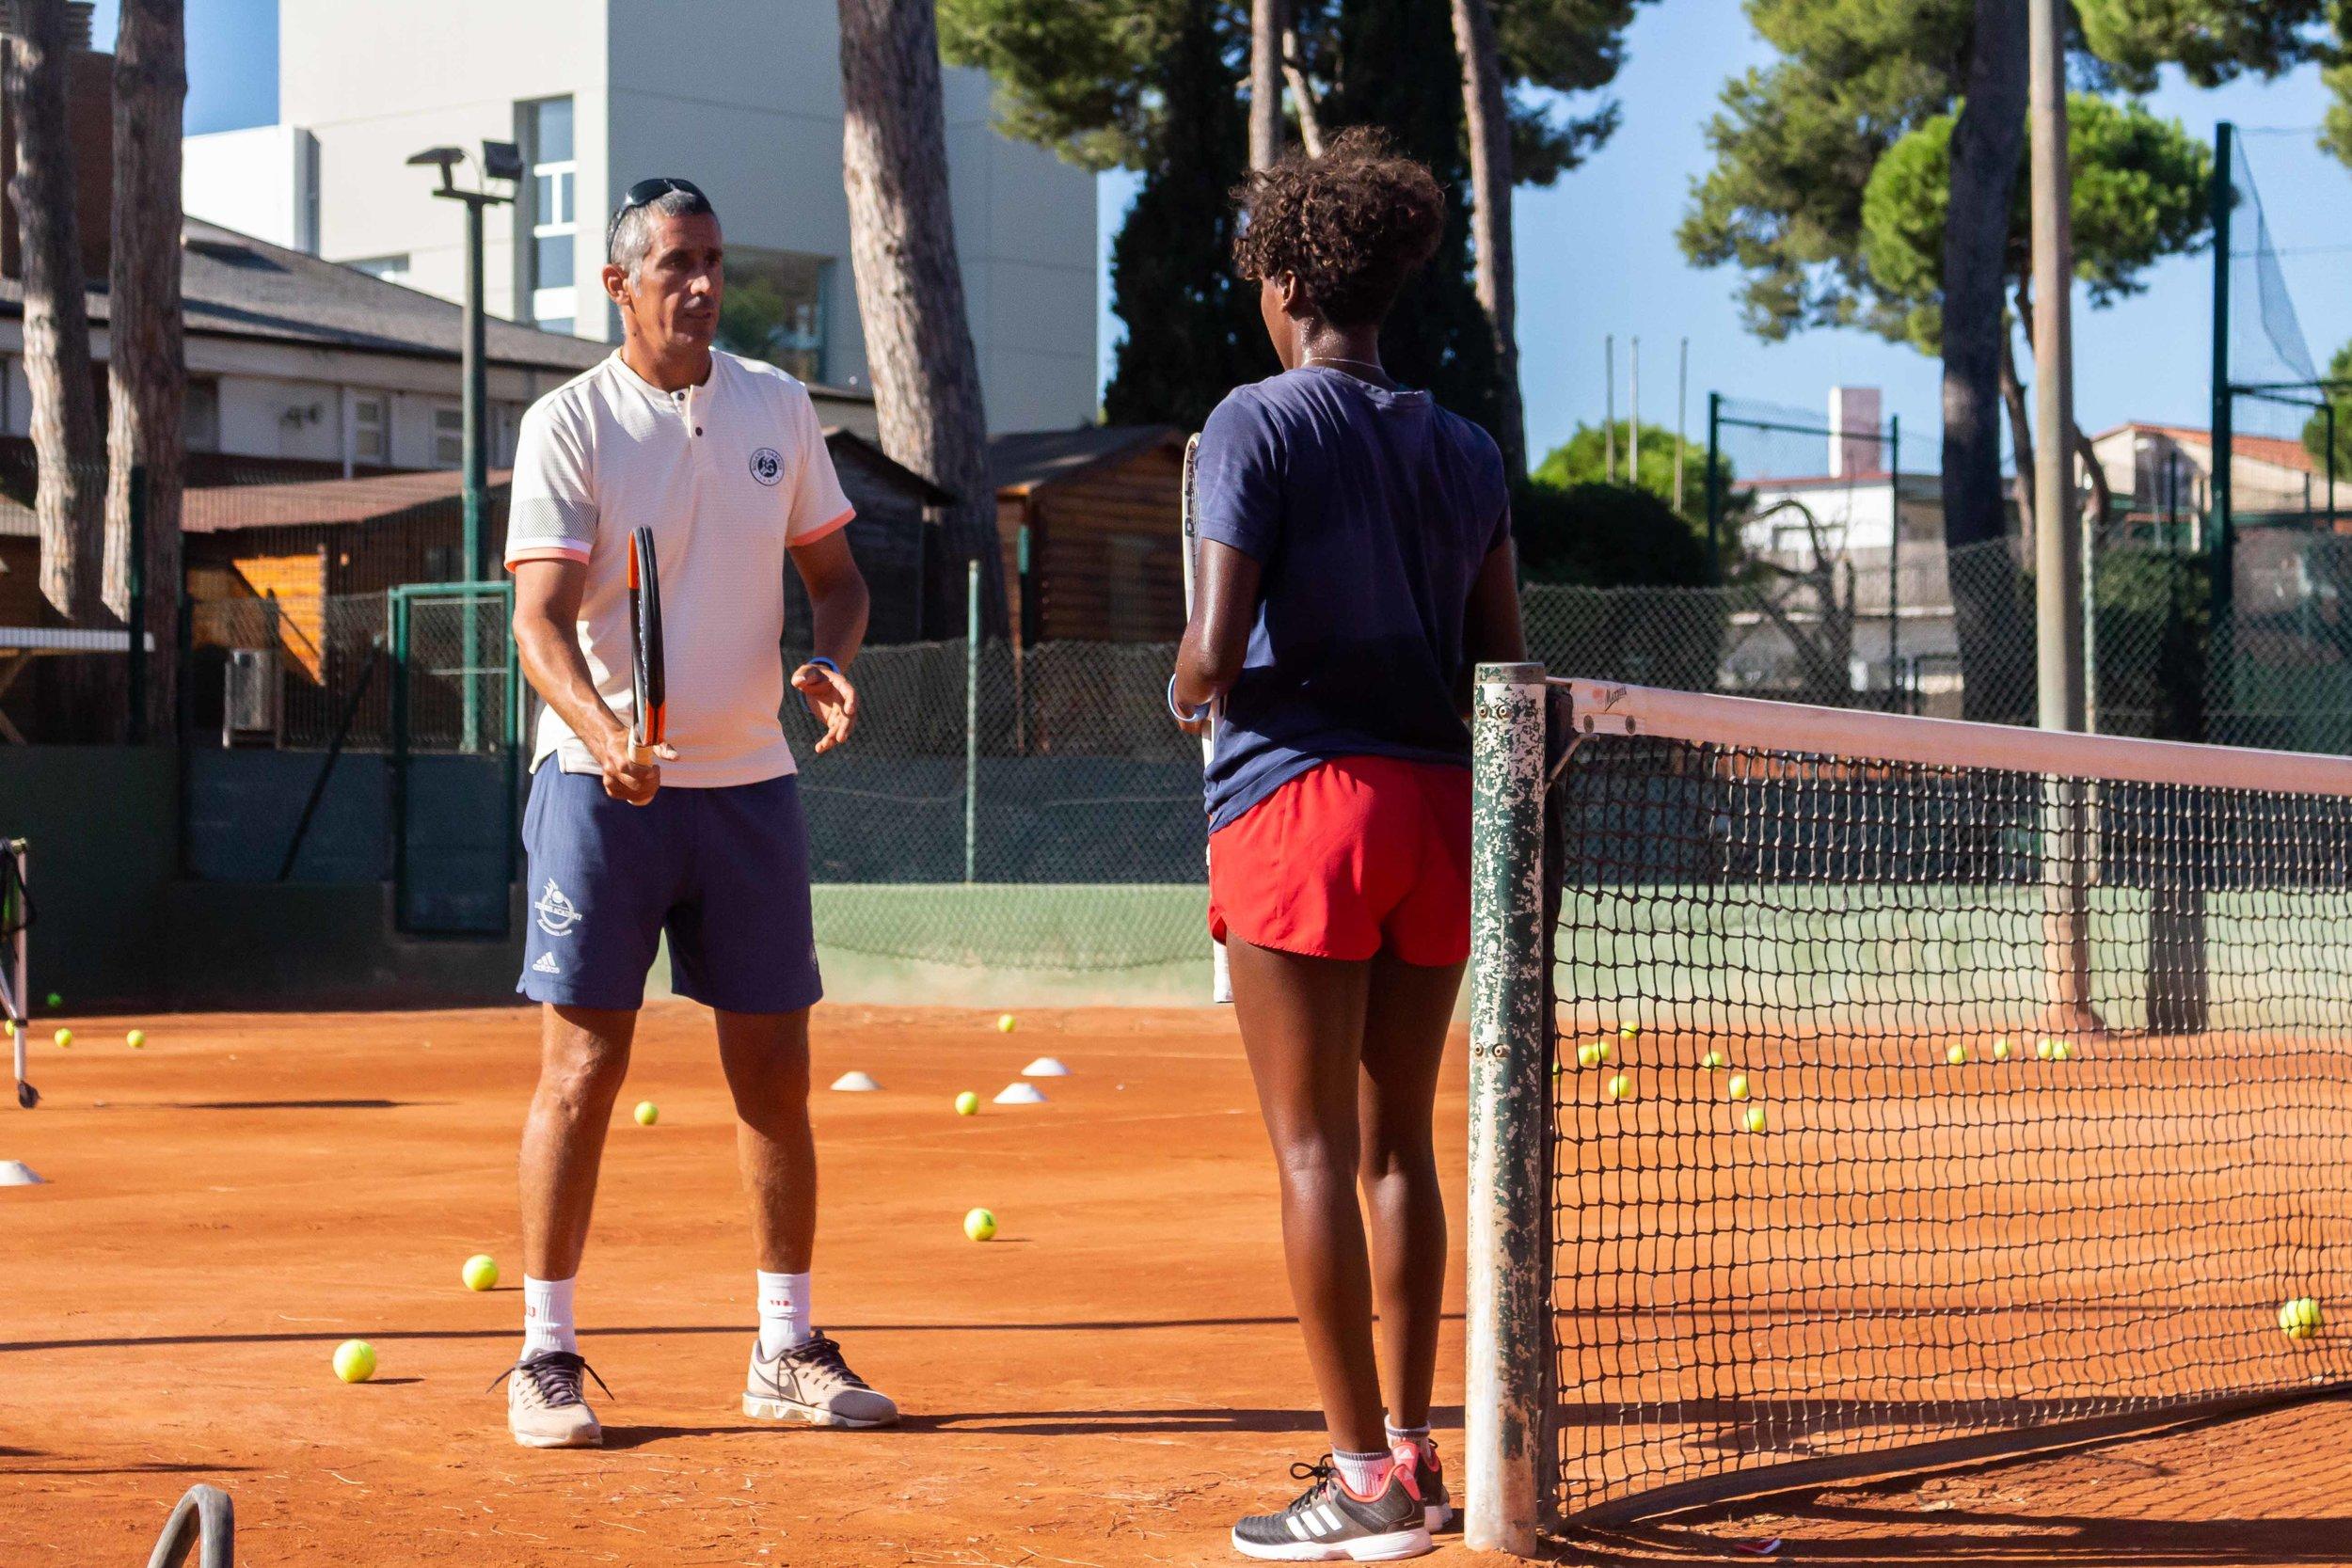 barcelona-tennis-academy-spain